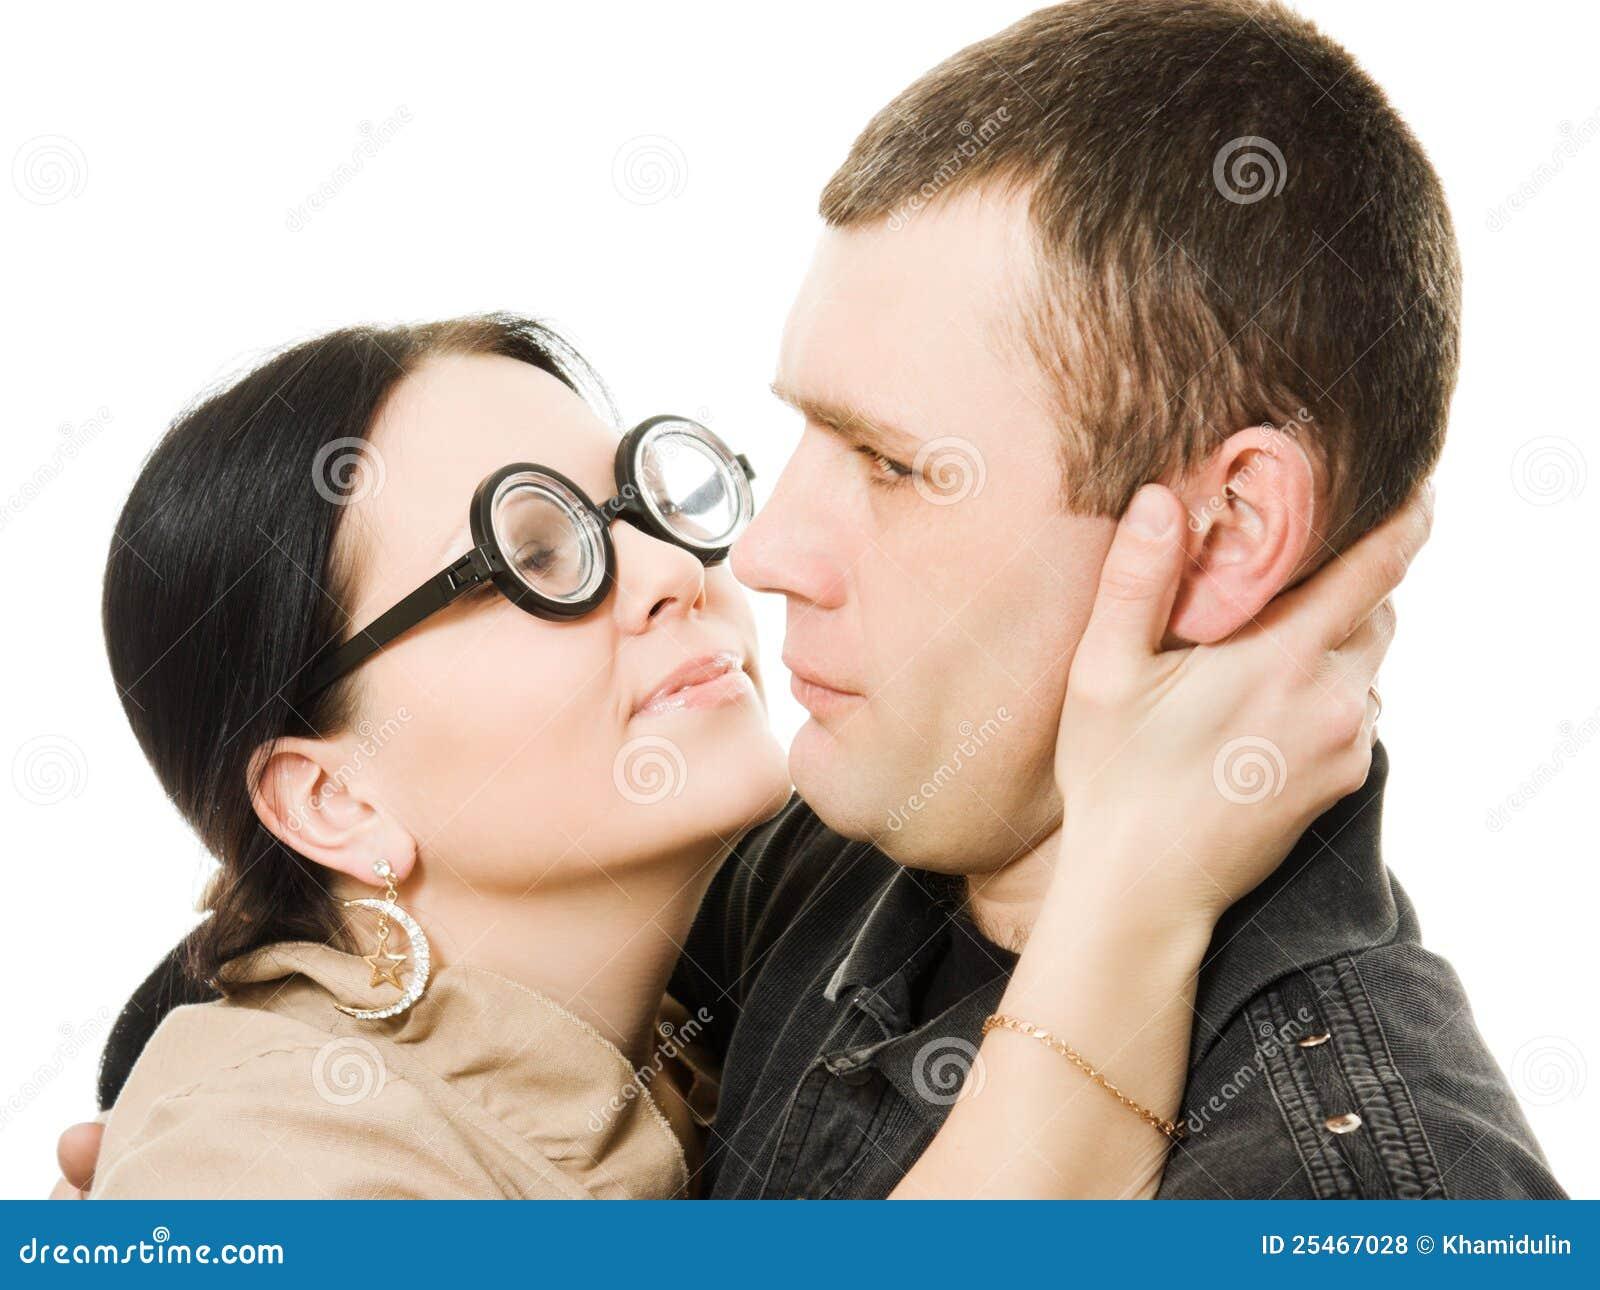 Как сделать так чтобы мальчик захотел тебя поцеловать